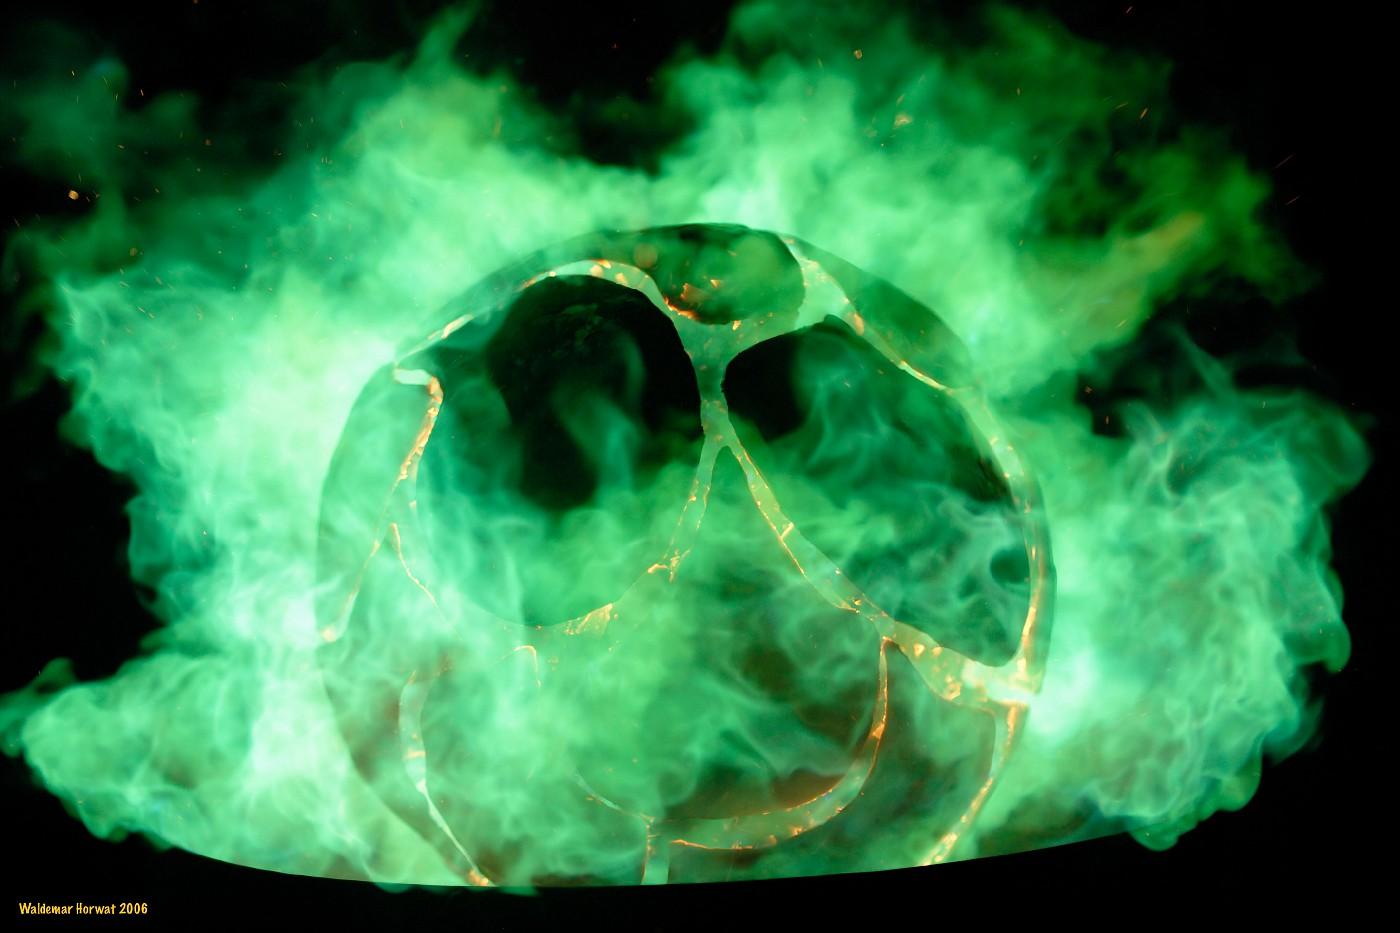 Enveloped in Green Fire